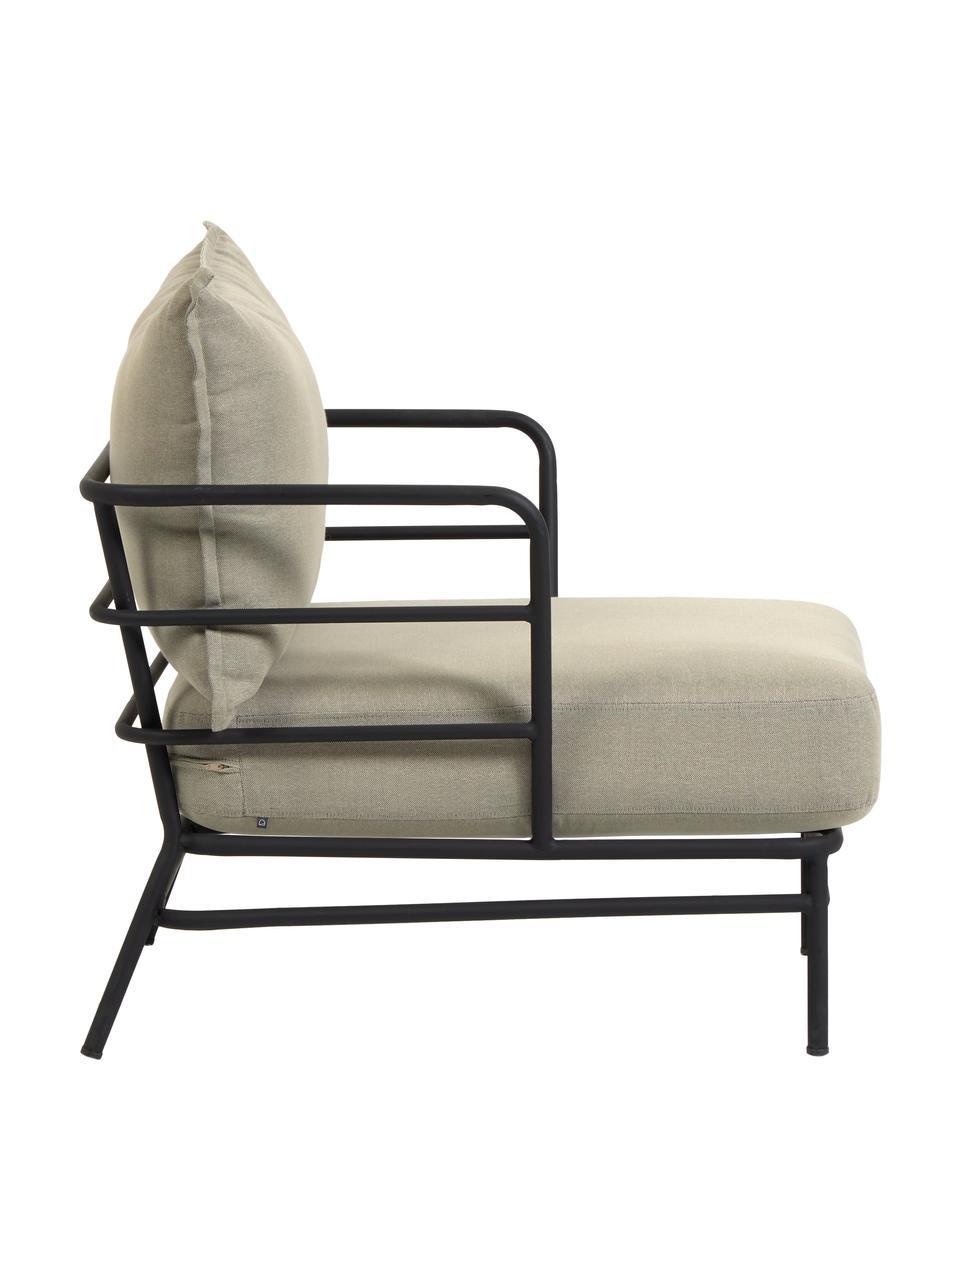 Tuin loungefauteuil Mareluz, Frame: verzinkt metaal en gelakt, Beige, 80 x 76 cm